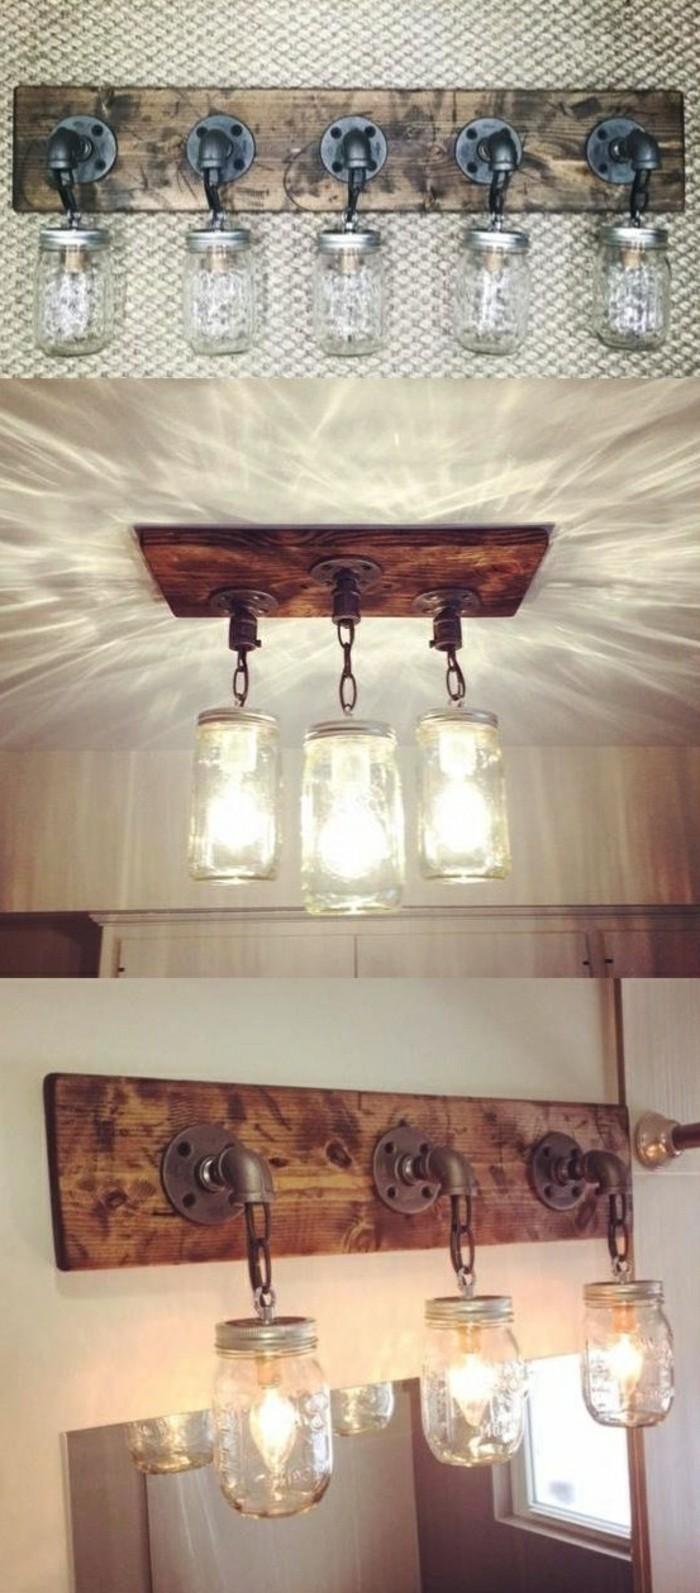 lampe-basteln-holz-glaser-licht-gluhbirnen-wanddeko